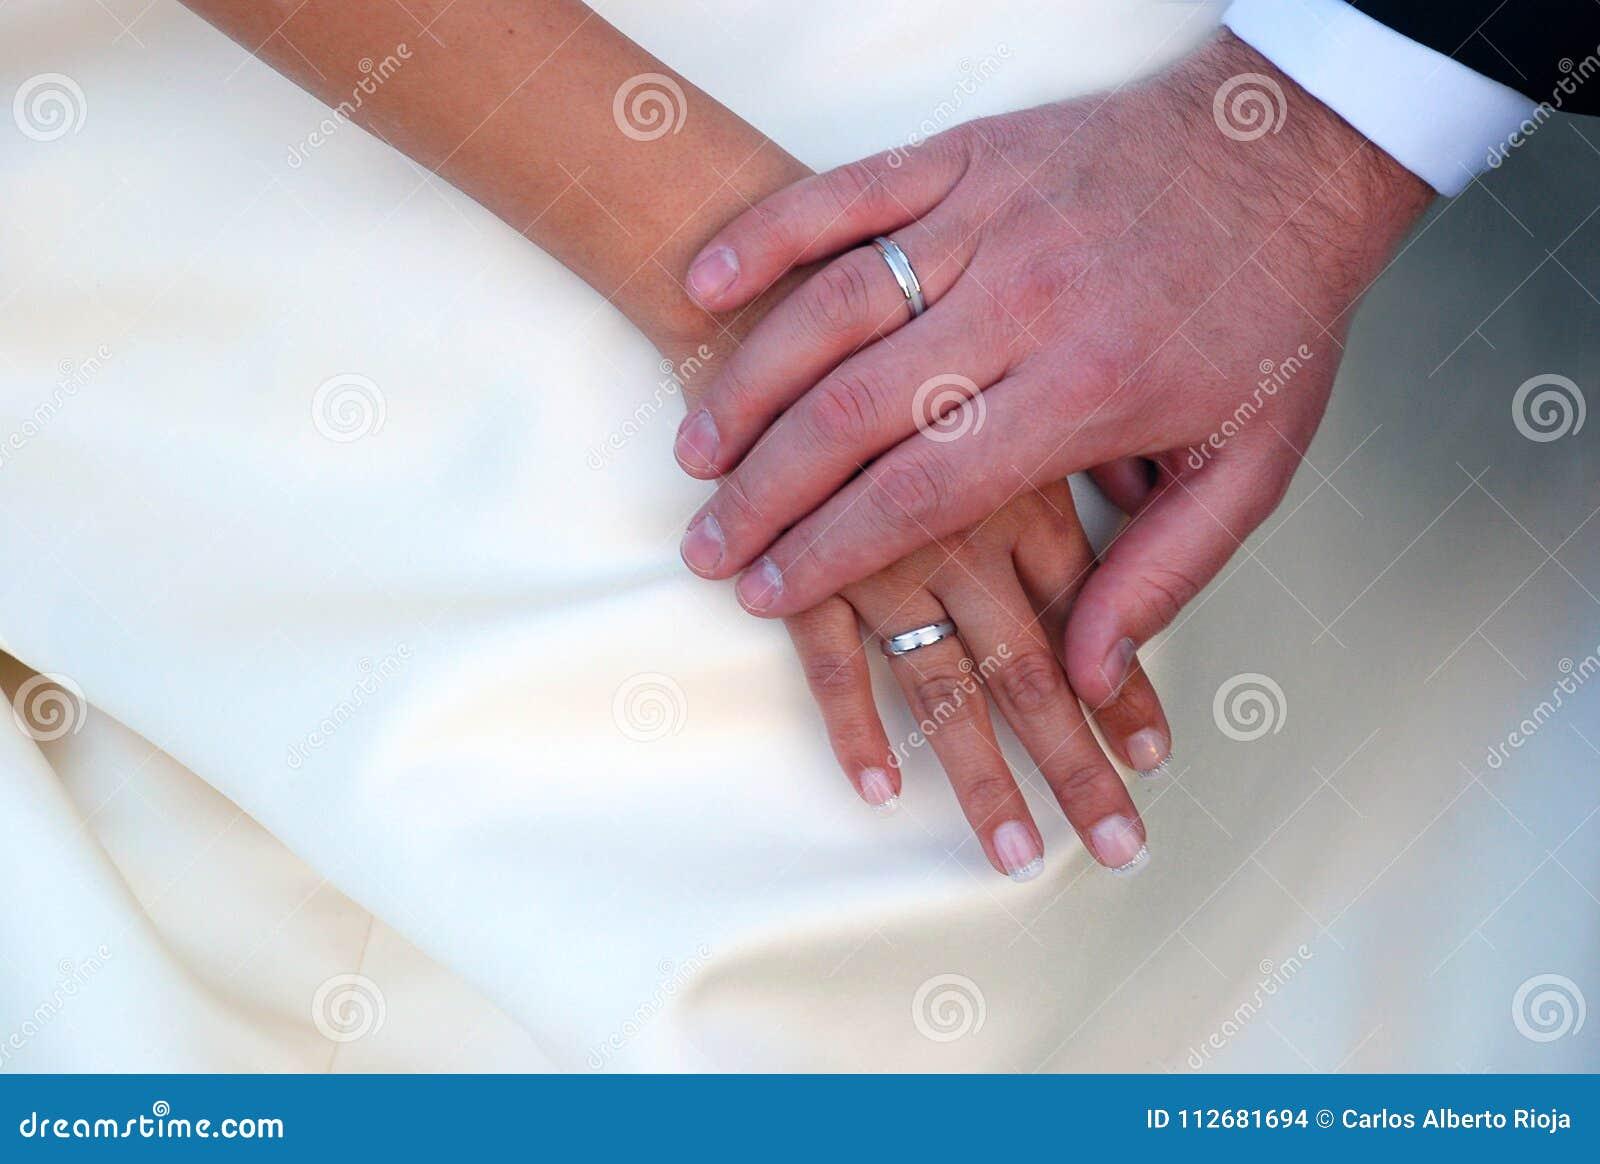 Mãos entrelaçadas com alianças de casamento